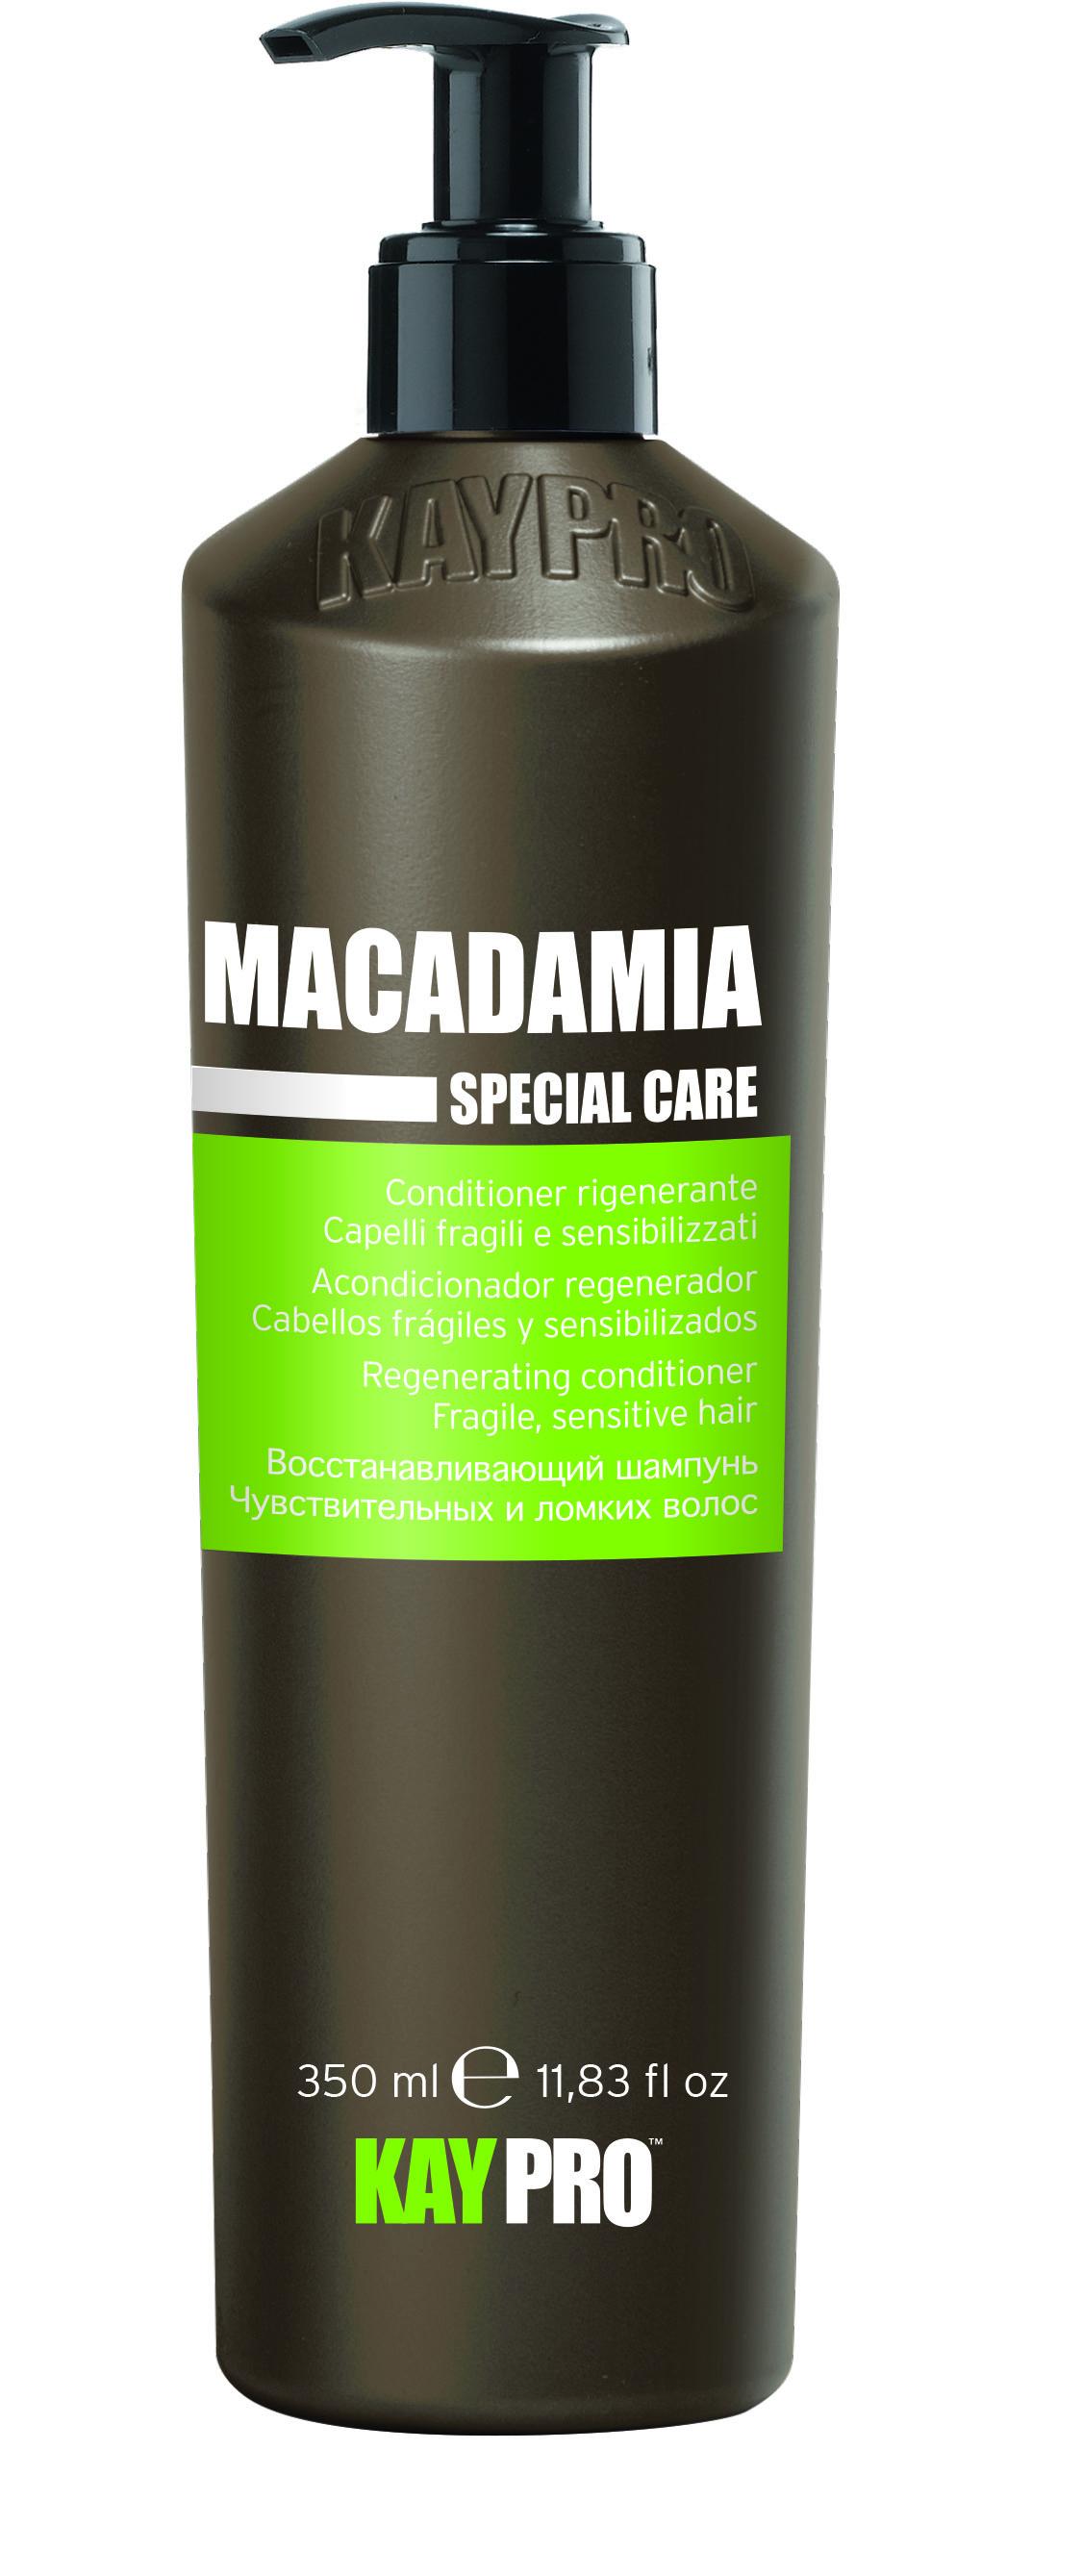 KAYPRO Кондиционер восстанавливающий с маслом макадами / KAYPRO 350млКондиционеры<br>Сбалансированная формула распутывает и смягчает без утяжеления, придавая моментальный блеск и жизненную силу. Активные ингредиенты: масло макадамии. Способ применения: после использования шампуня равномерно нанести на влажные волосы равномерно по всей длине, затем расчесать, оставить действовать на 2-3 минуты, после чего смыть водой.<br><br>Объем: 350 мл<br>Вид средства для волос: Восстанавливающий